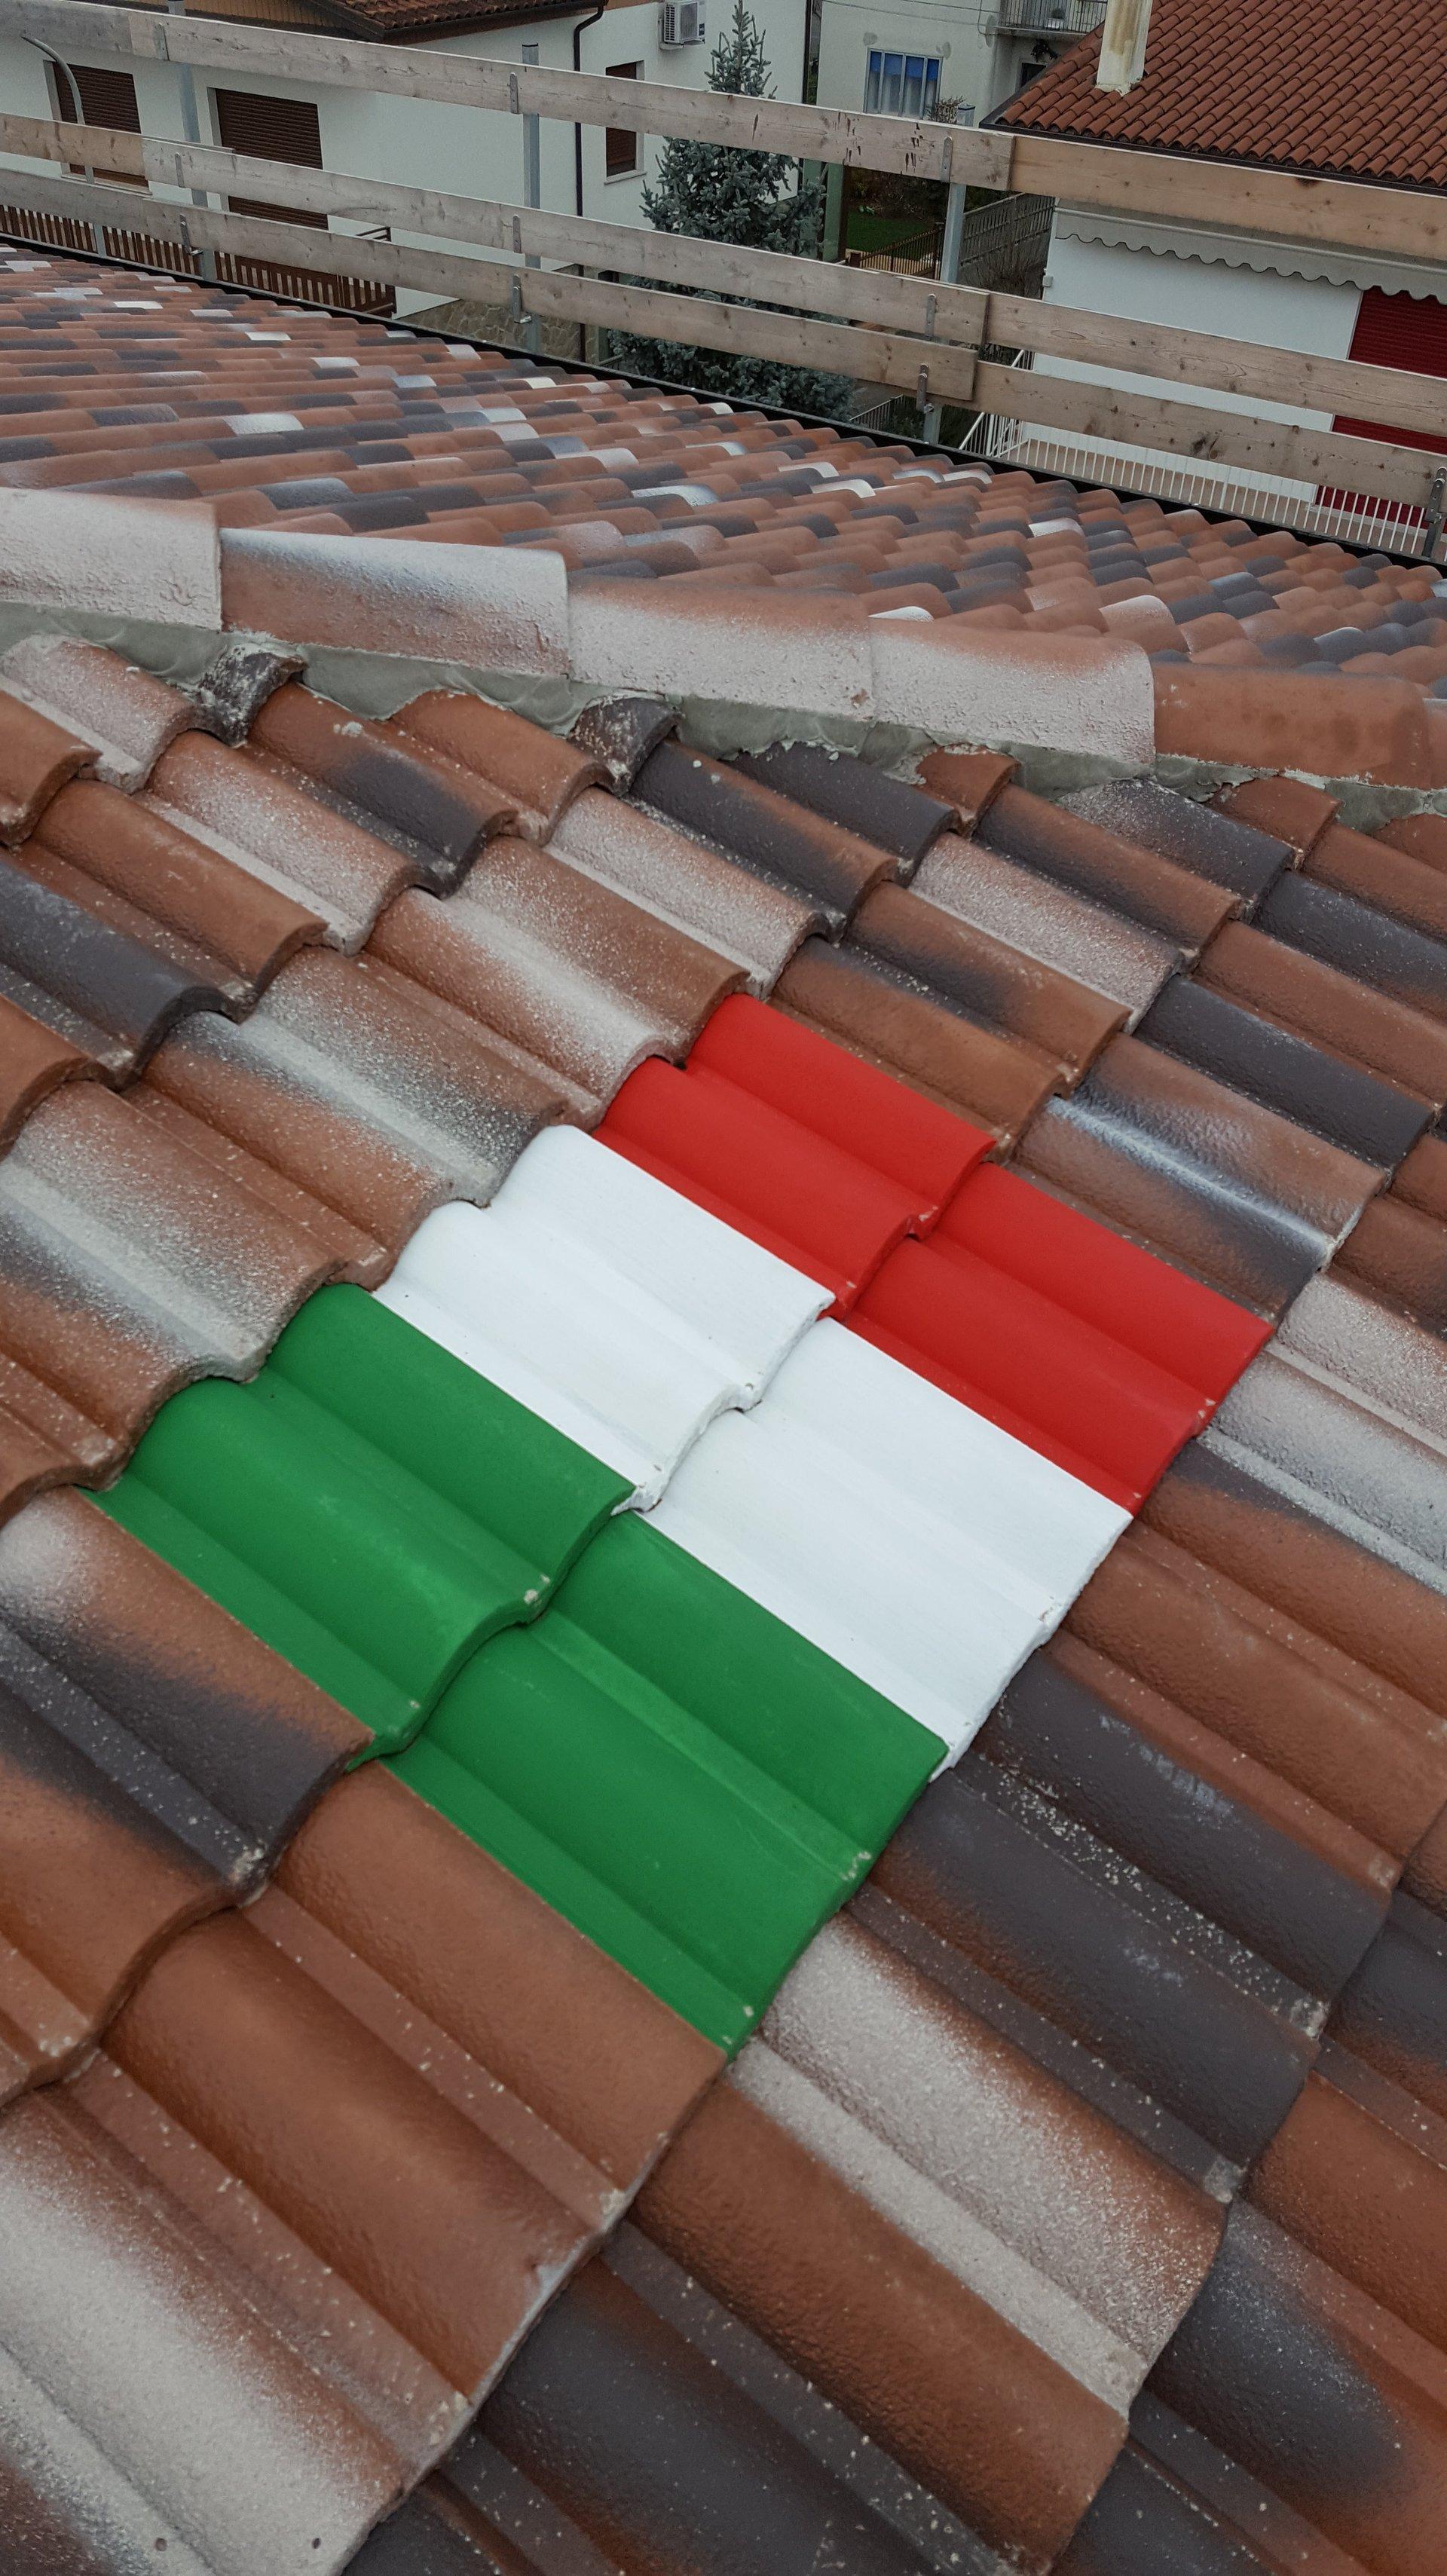 Rifacimento tetto detrazione gallery of tetto legno - Detrazione fiscale rifacimento bagno ...